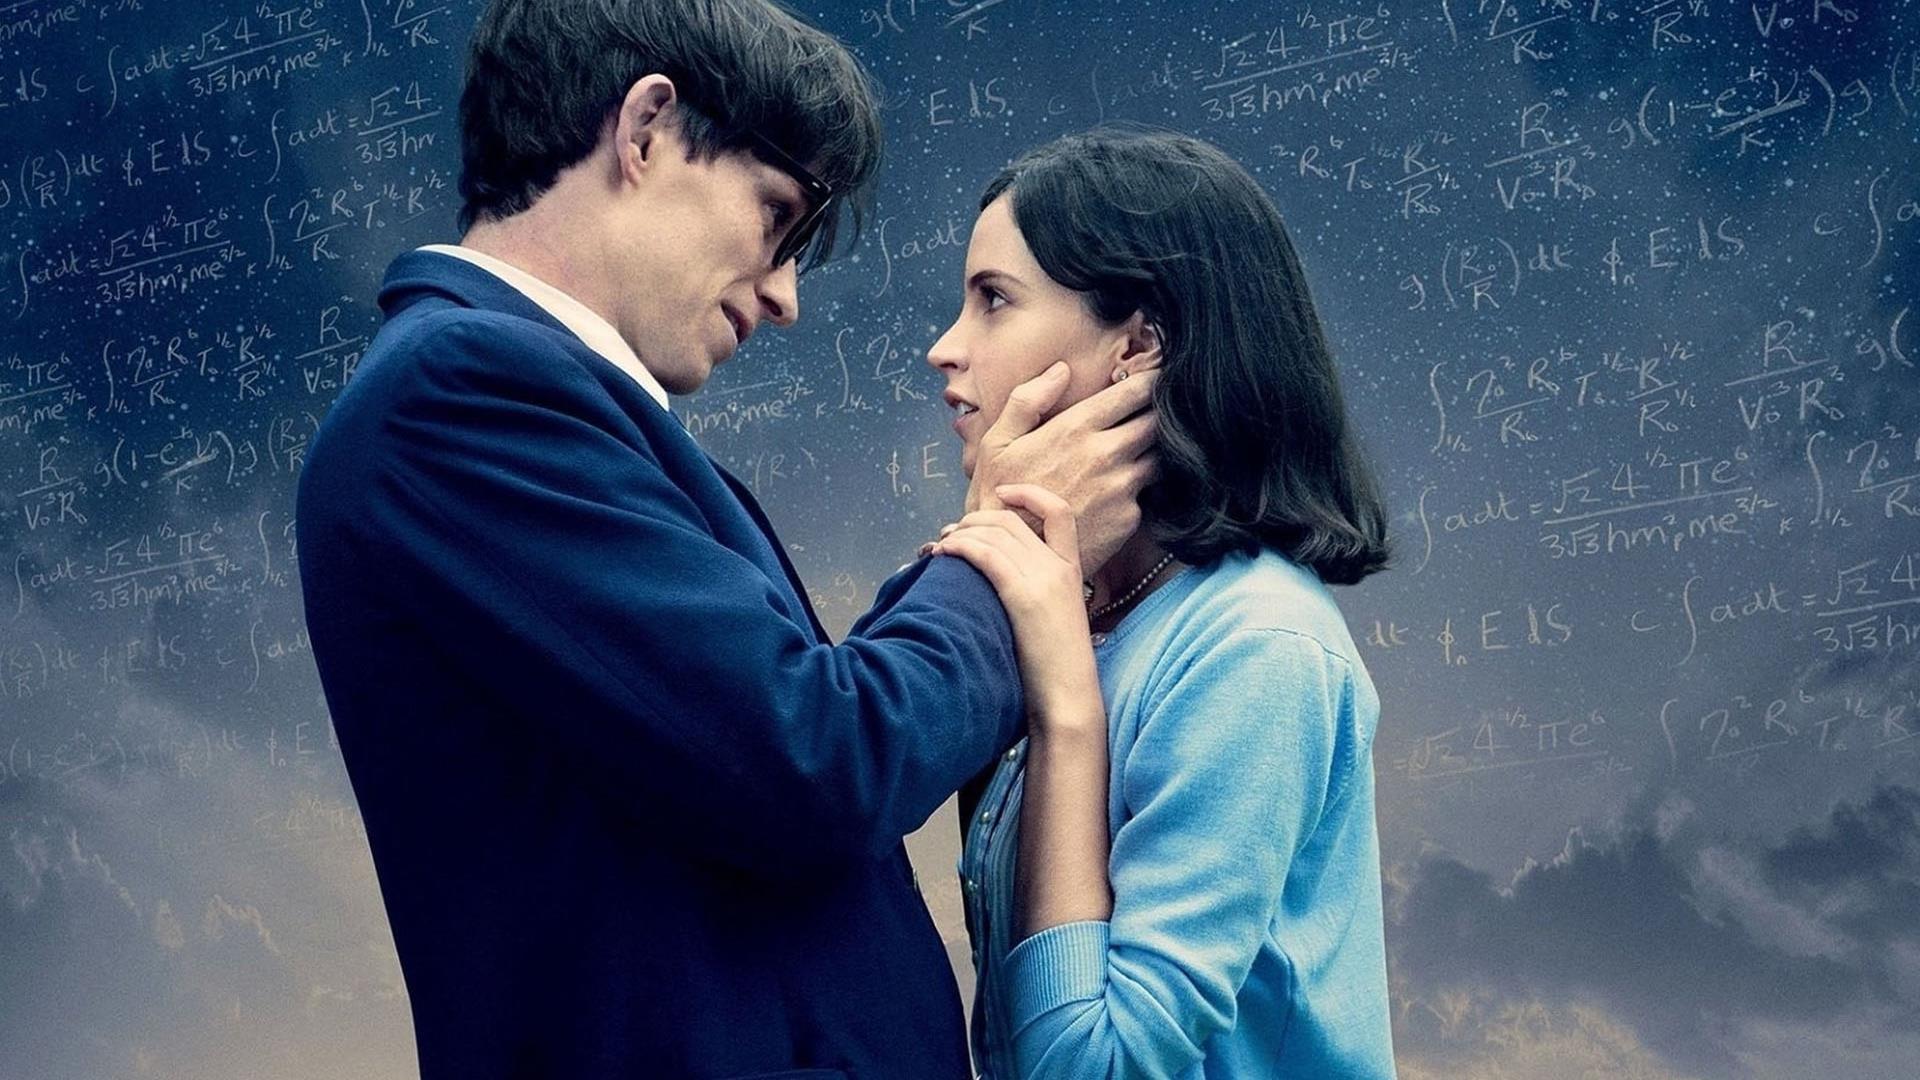 Stephen Hawking e Jane: il film e la storia vera a confronto